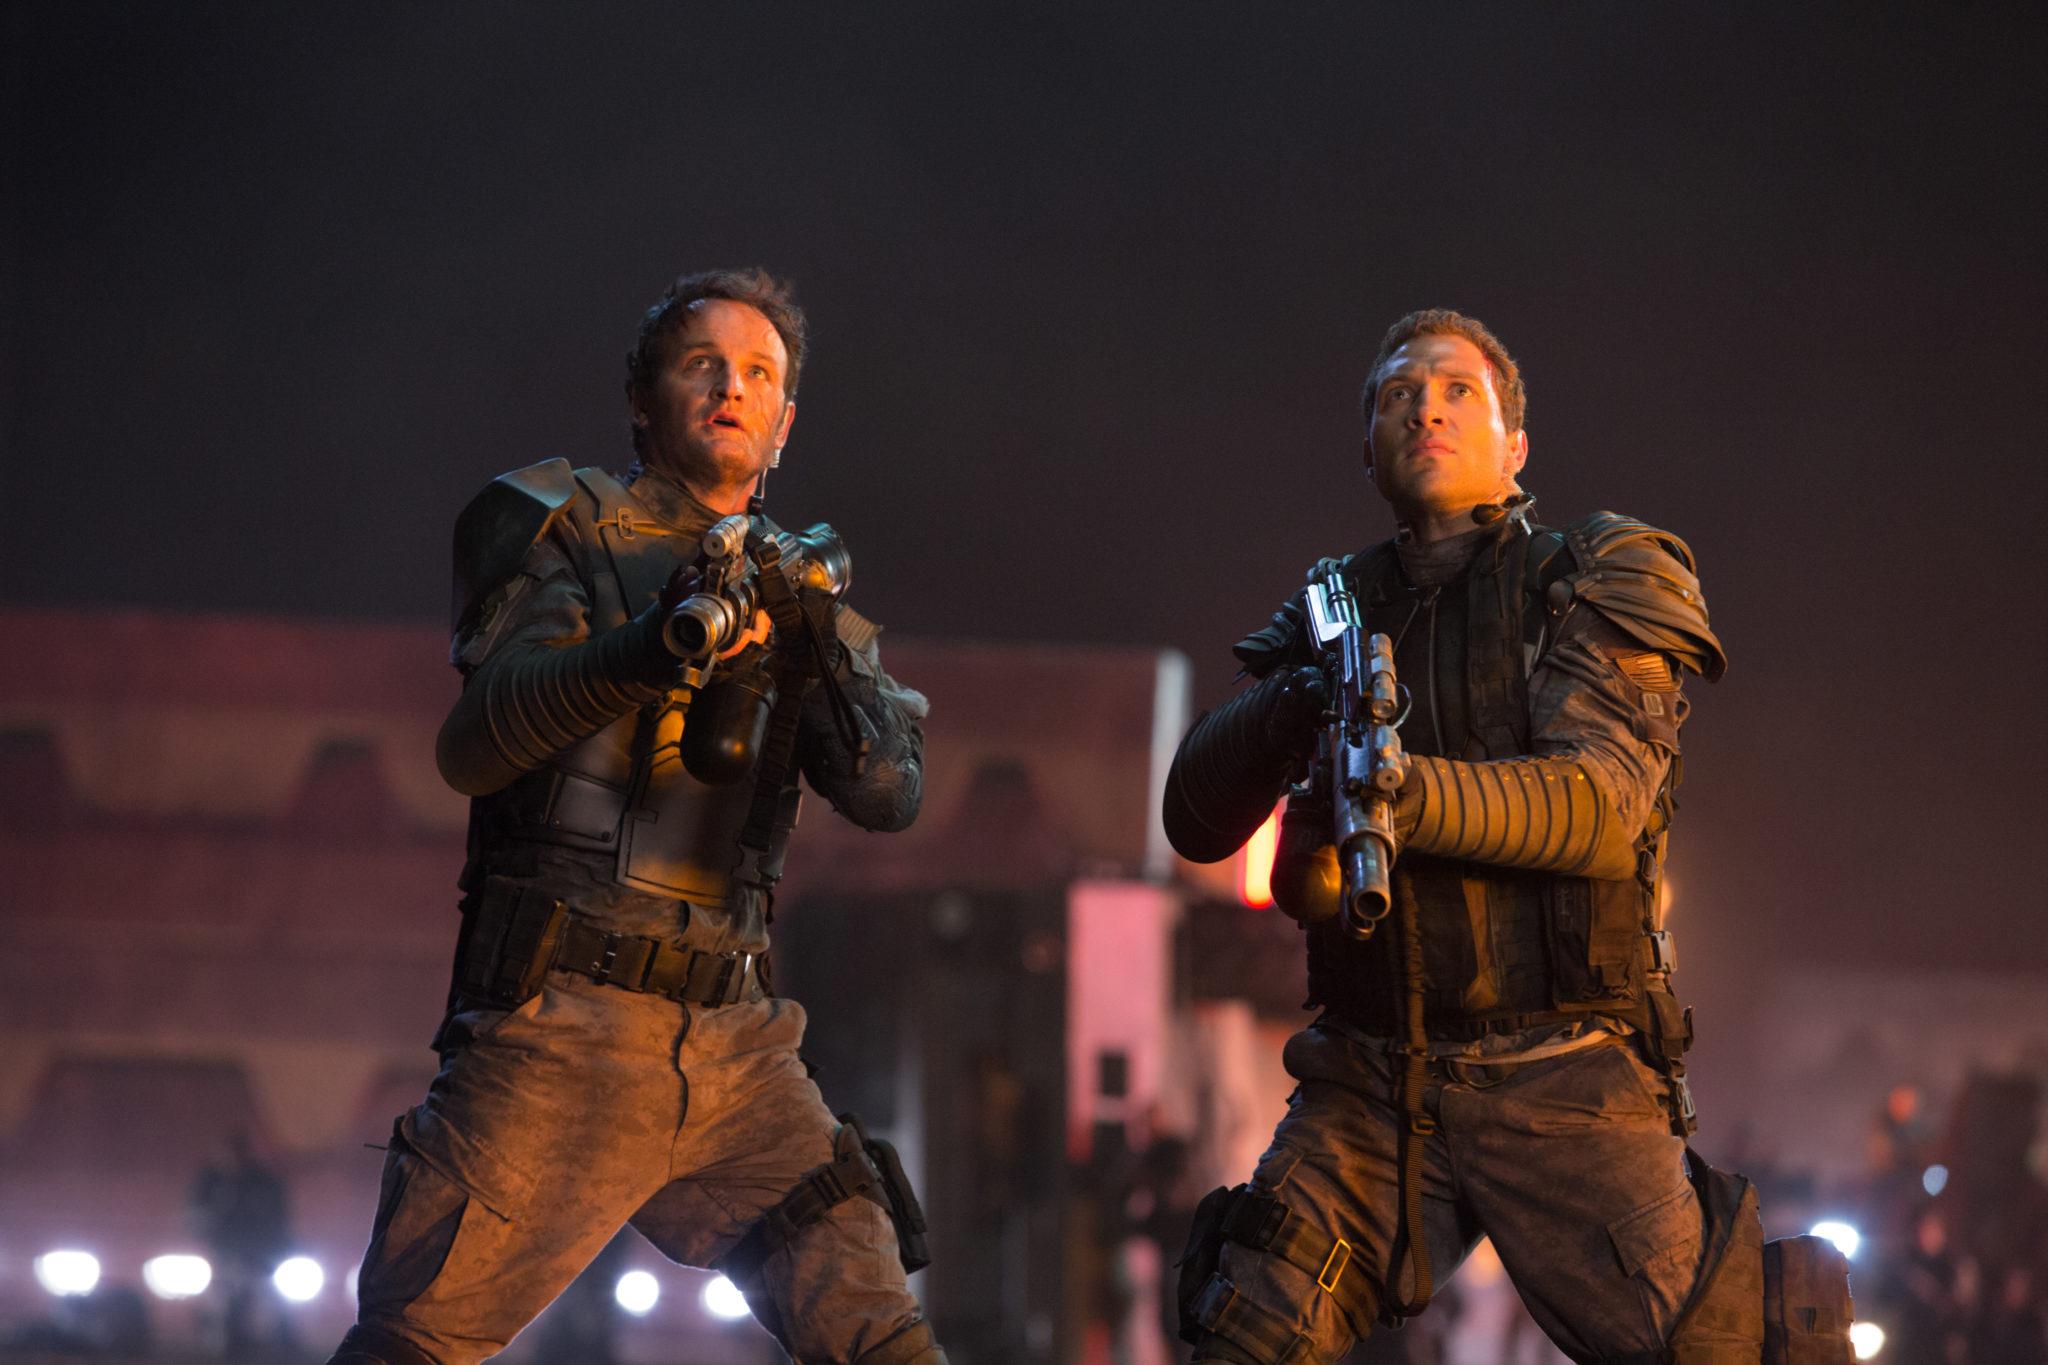 """Etwas Quality Time für Vater und Sohn (Jason Clarke und Jai Courtney in """"Terminator Genisys"""", Foto: Paramount Pictures)"""